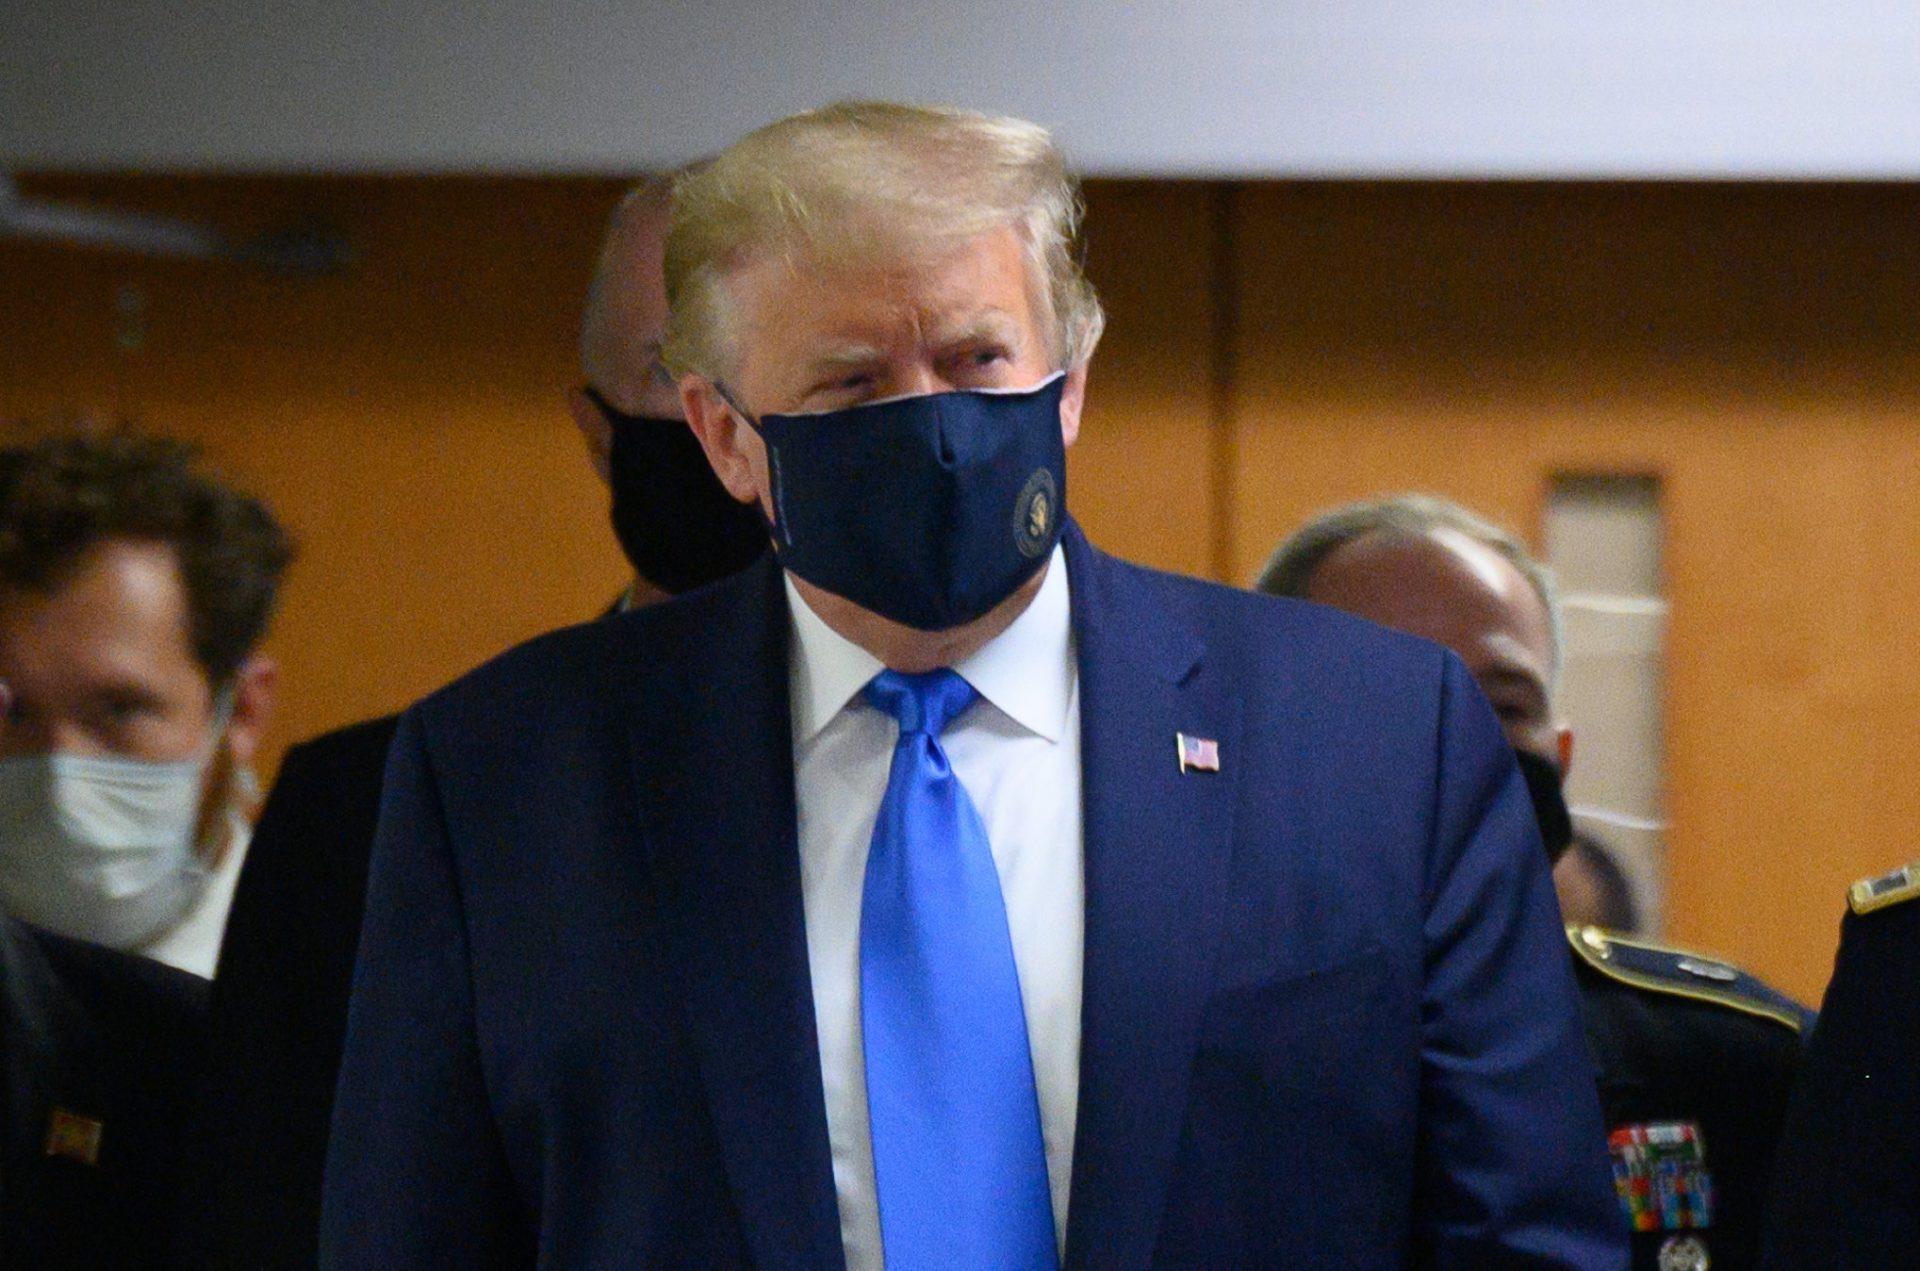 Conturile de social media ale lui Trump, penalizate din cauza afirmațiilor false privind virusul SARS-COV-2